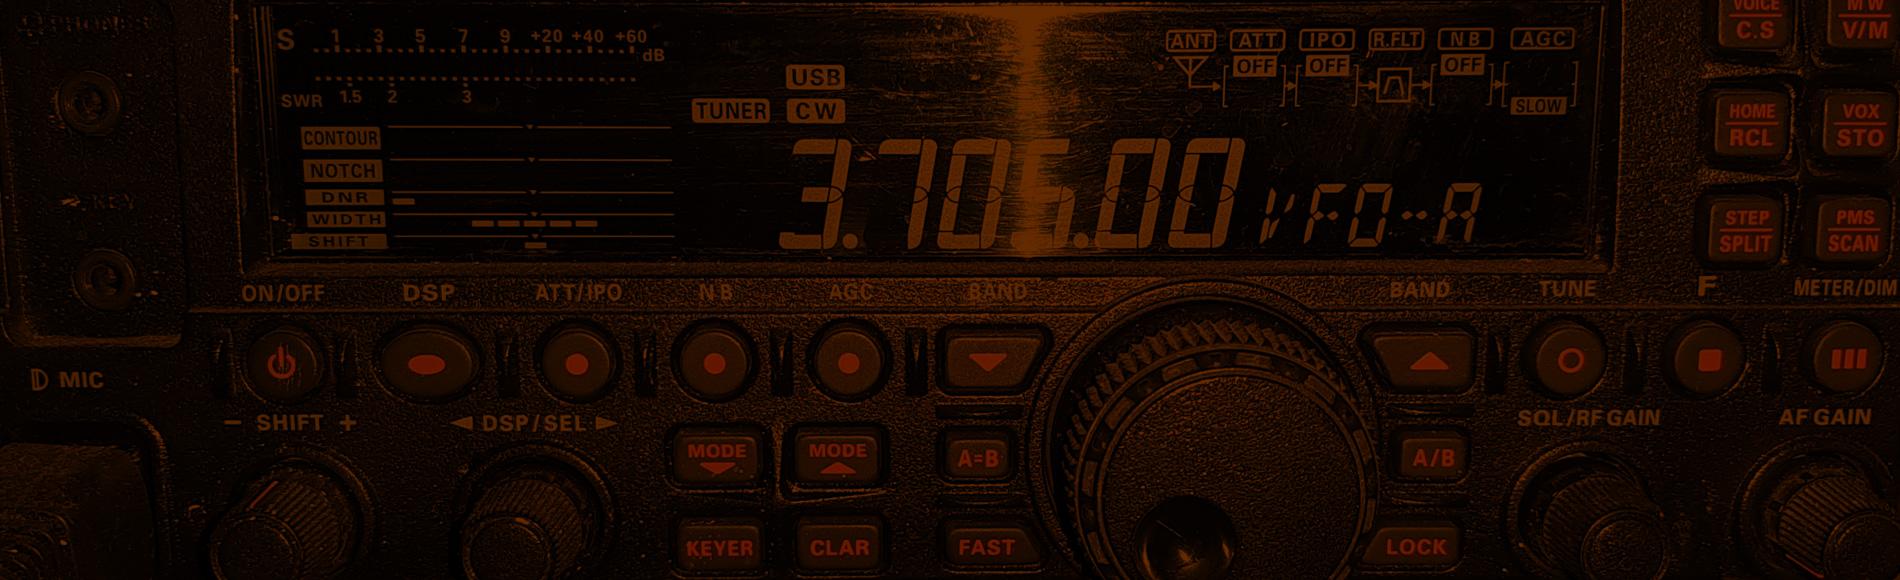 Prescurtările radioamatorilor